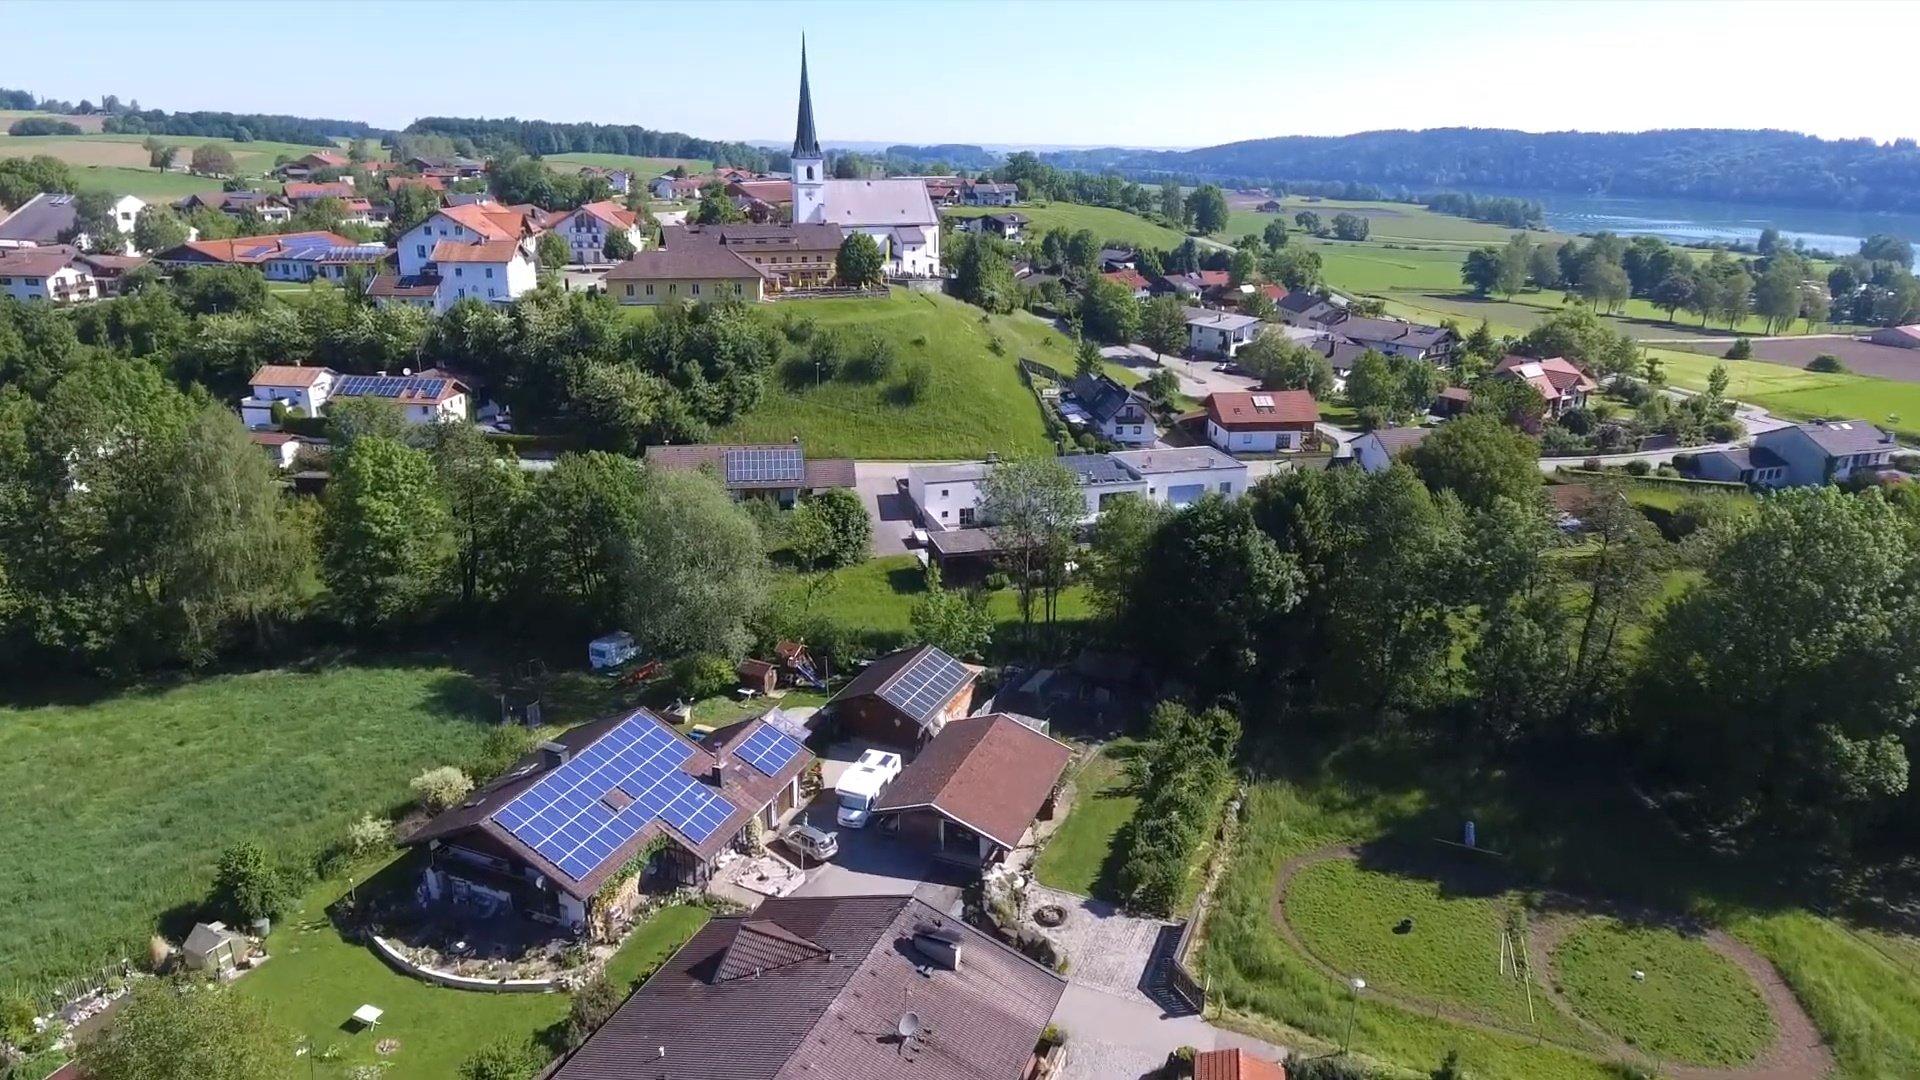 Taching Chiemsee-Chiemgau Drohnenaufnahme